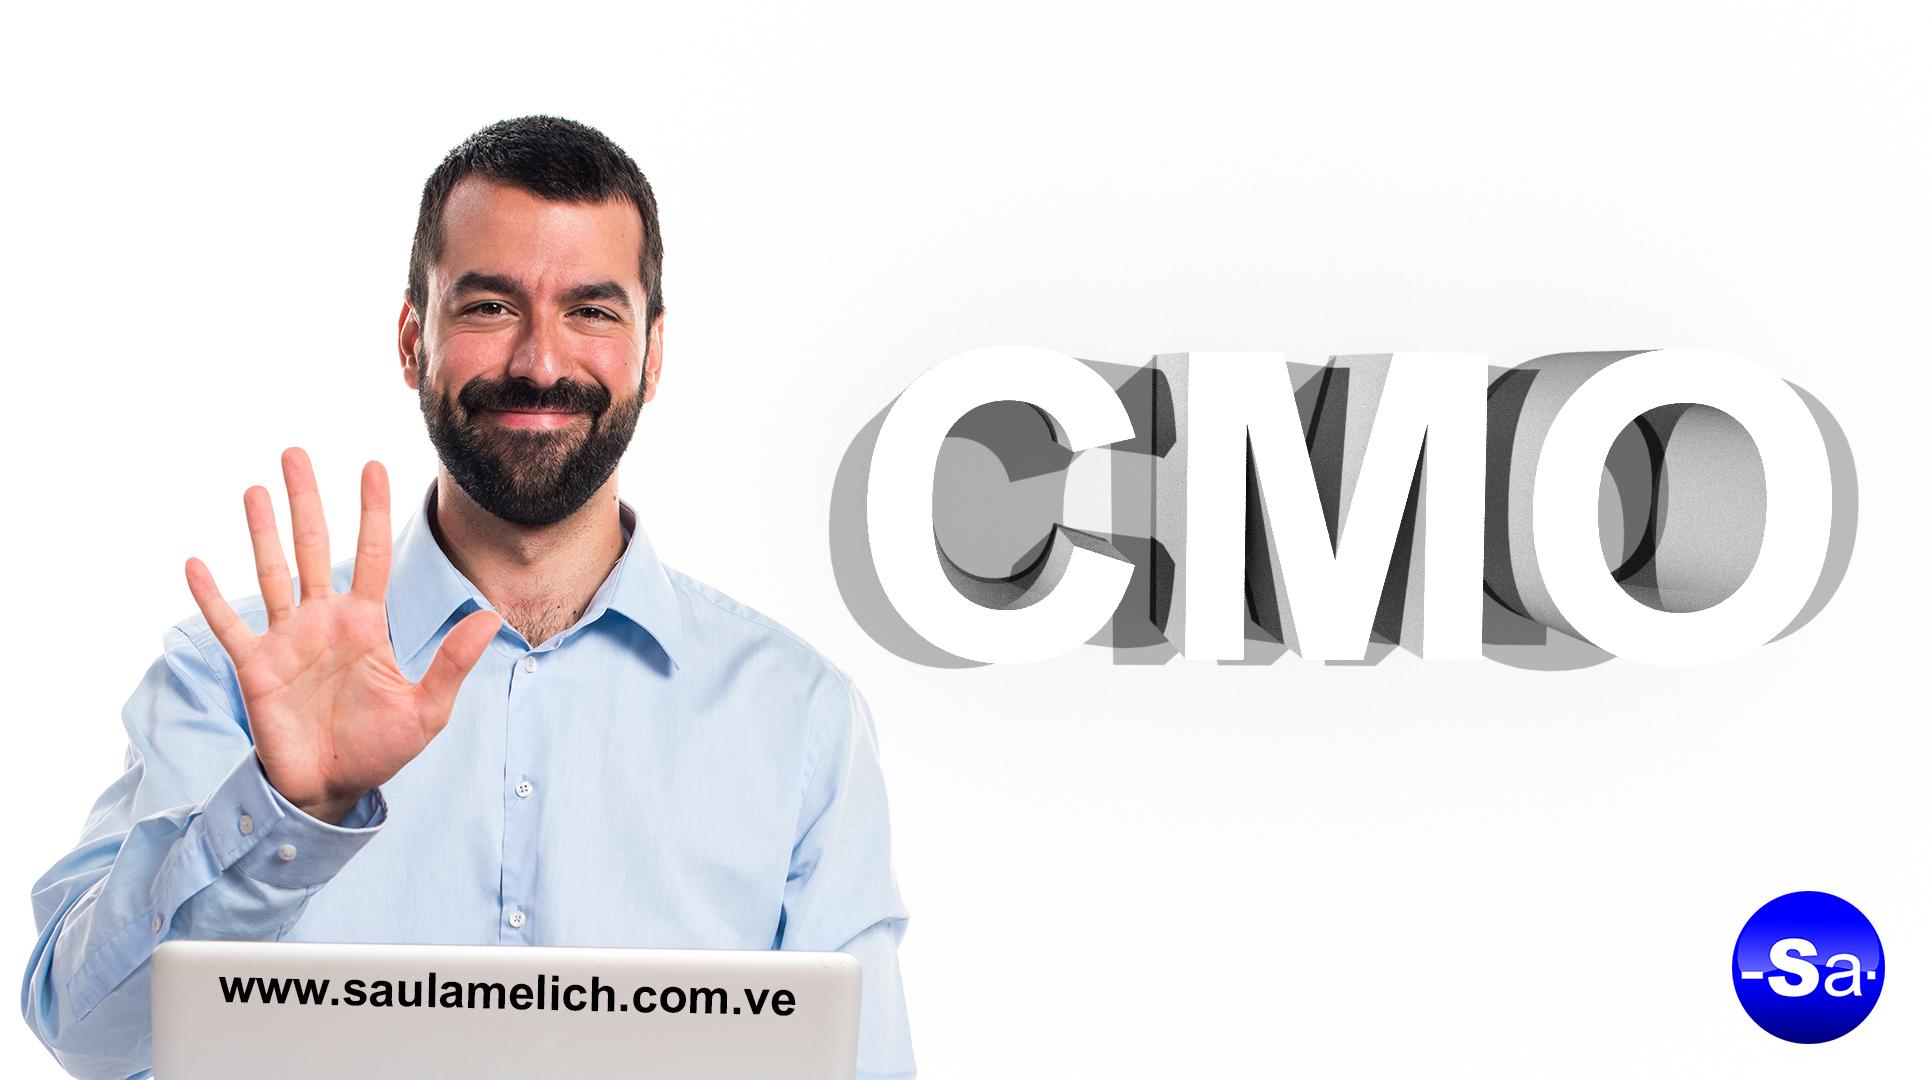 Saul ameliach - CMO - marketing - estrategias